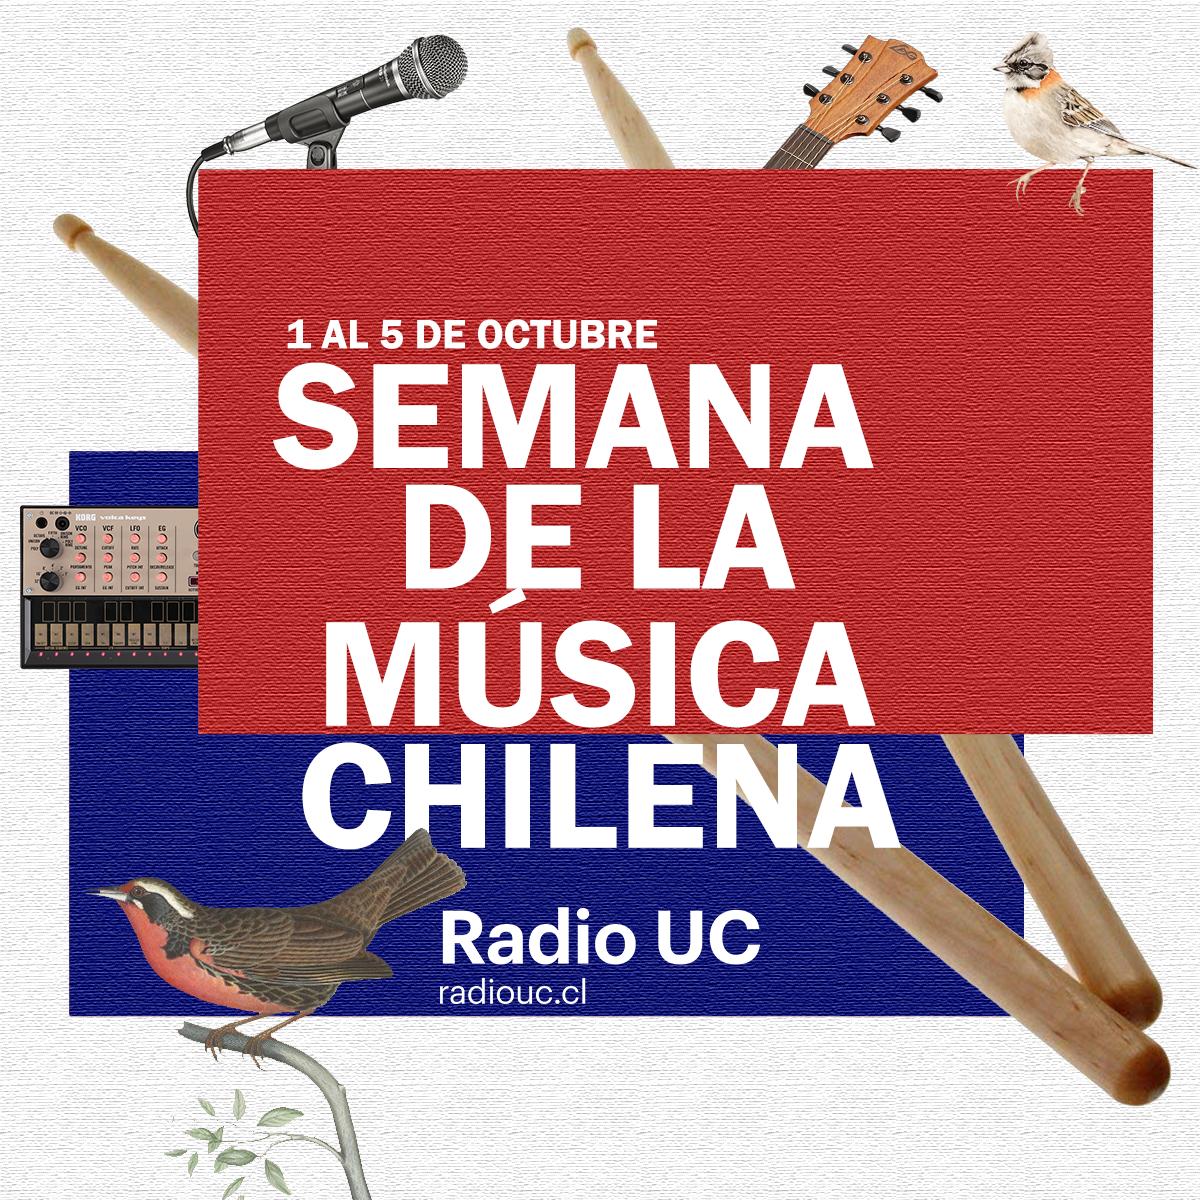 ¡No te pierdas la Semana de la Música Chilena en Radio UC!